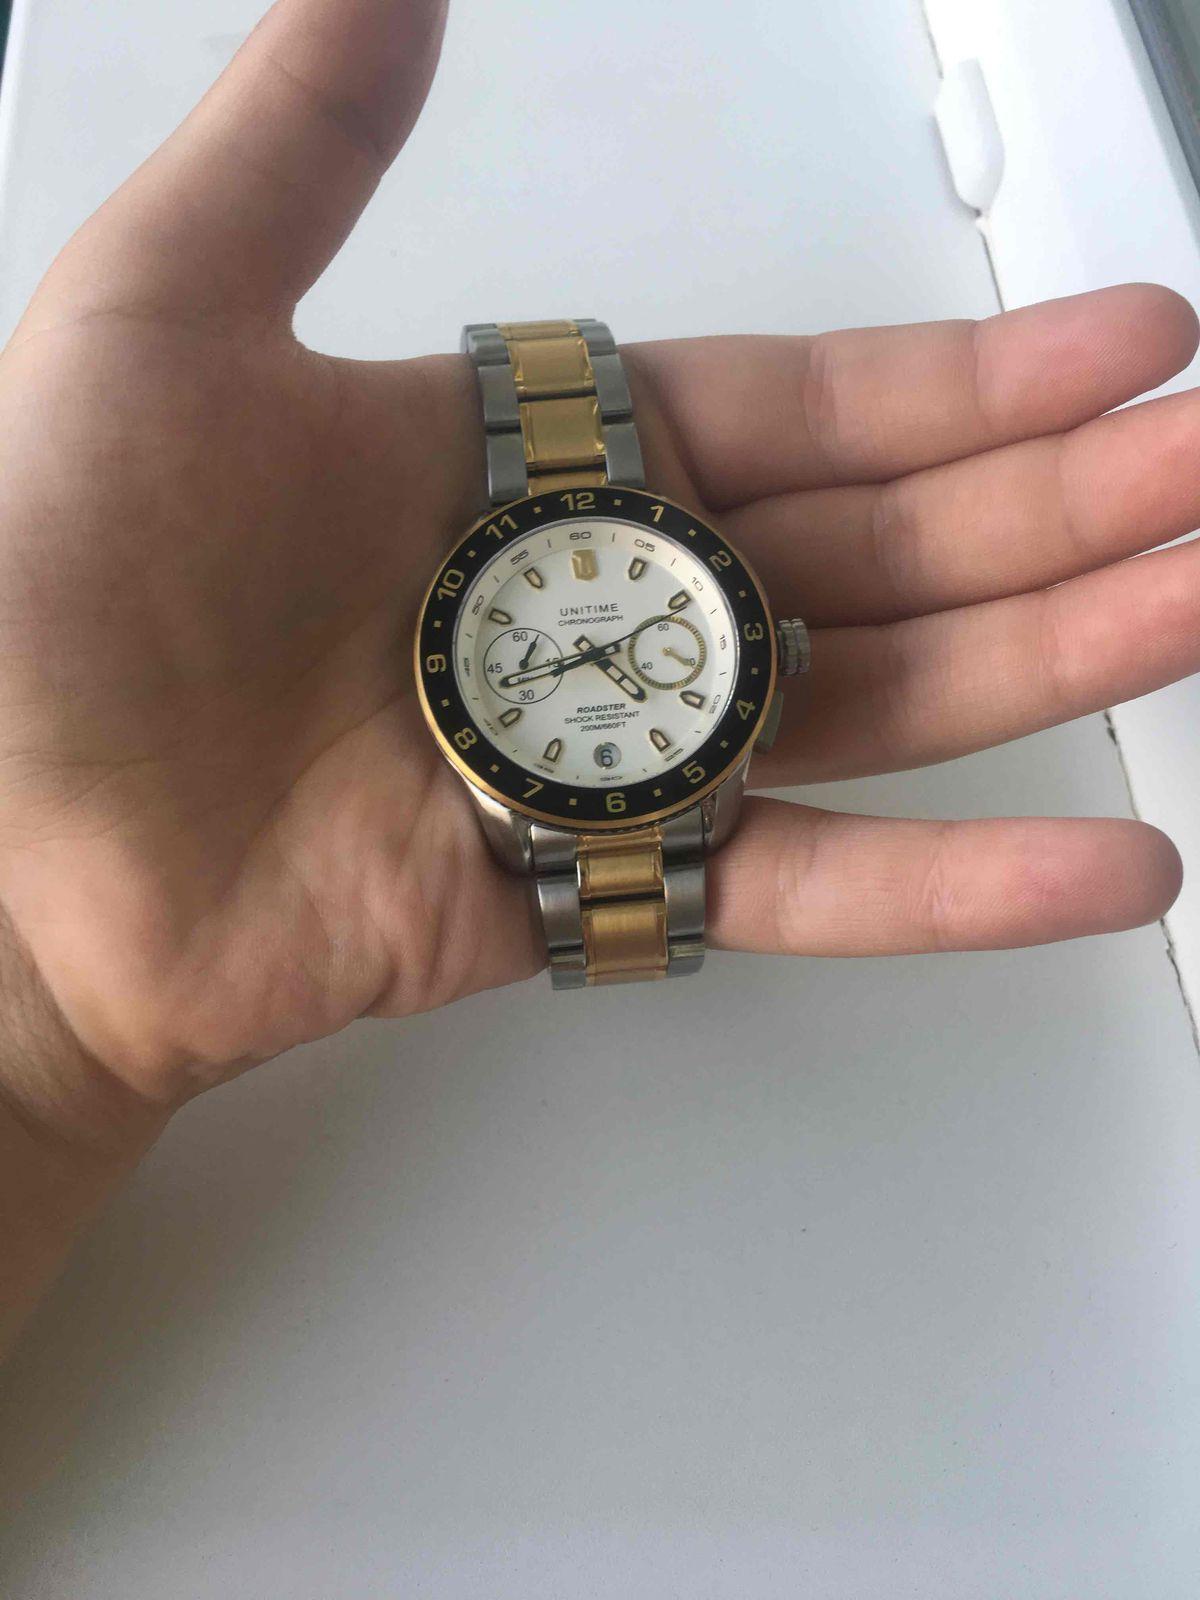 Купил часы сегодня,покупкой доволен)